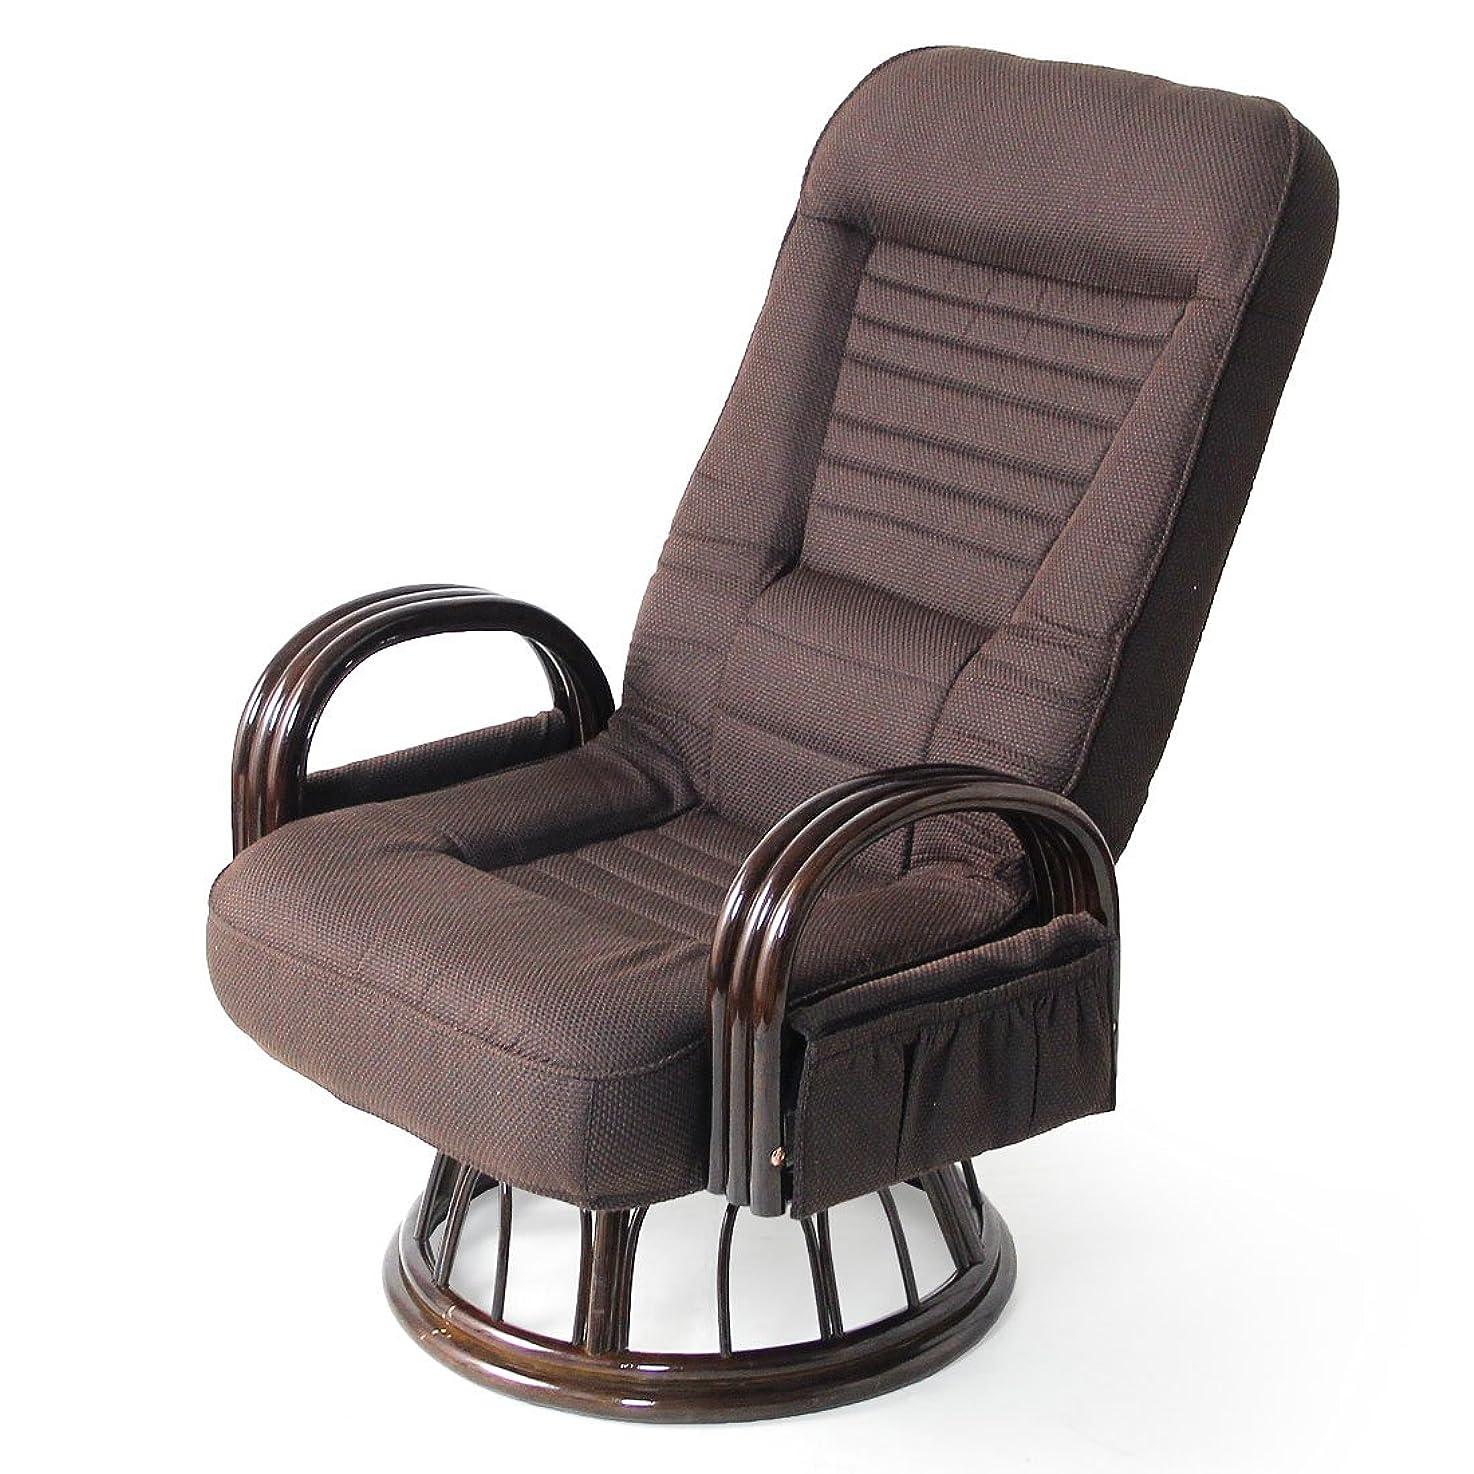 比較フェード追加タンスのゲン 高座椅子 360度回転 ハイバック ラタンチェア 籐の椅子 リクライニング ブラウン 21300044 BR 【54946】